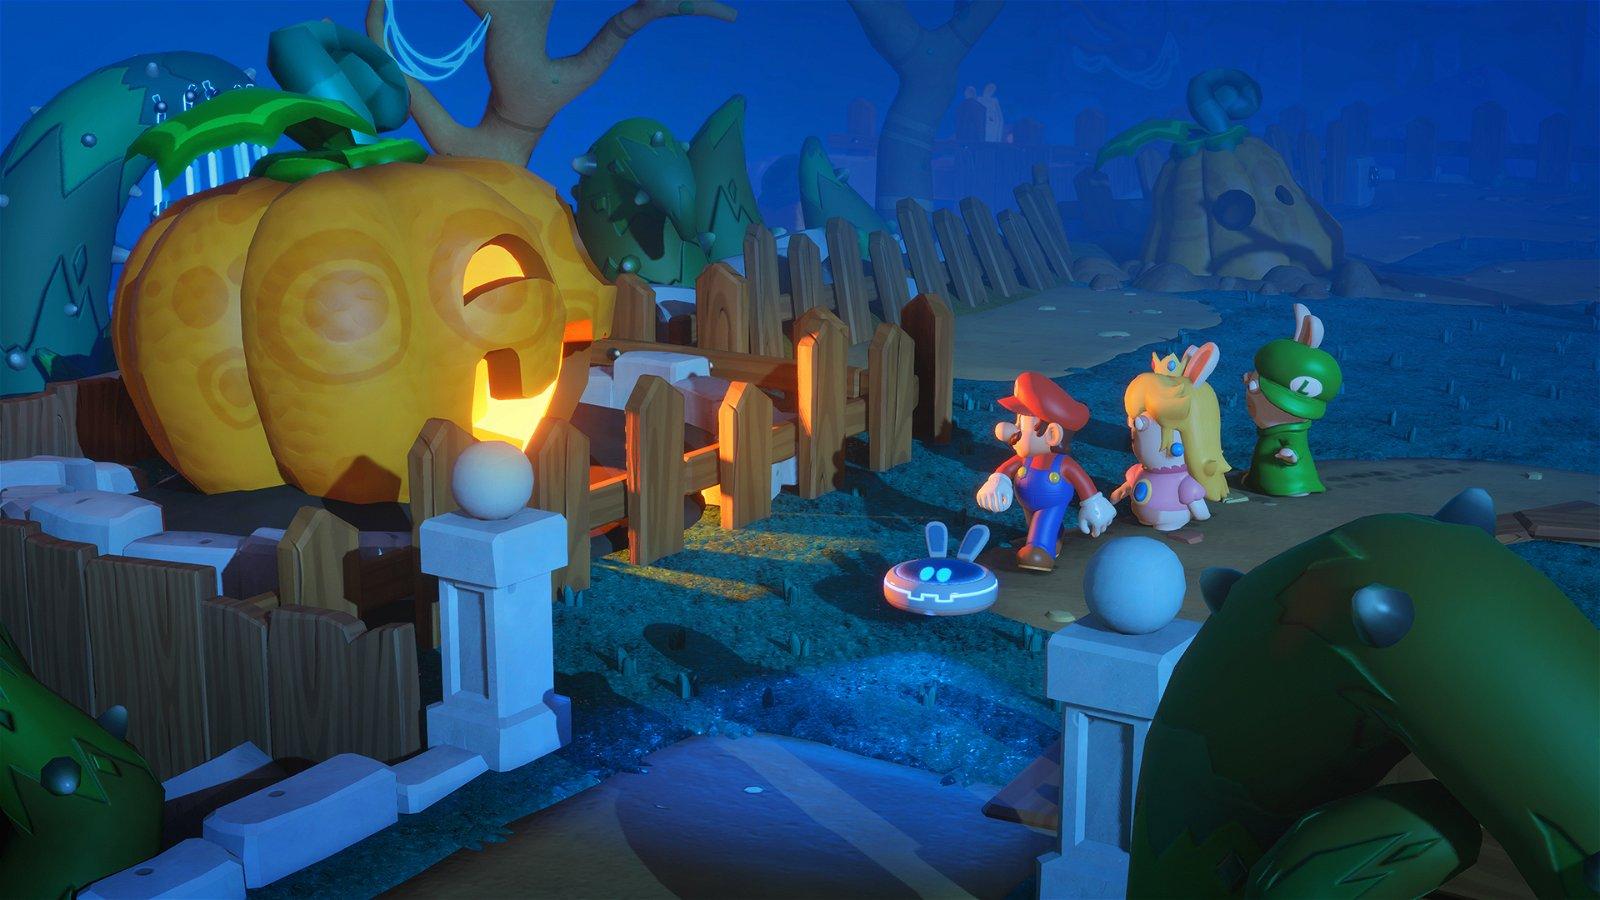 Mario+Rabbids: Kingdom Battle E3 2017 Preview 4